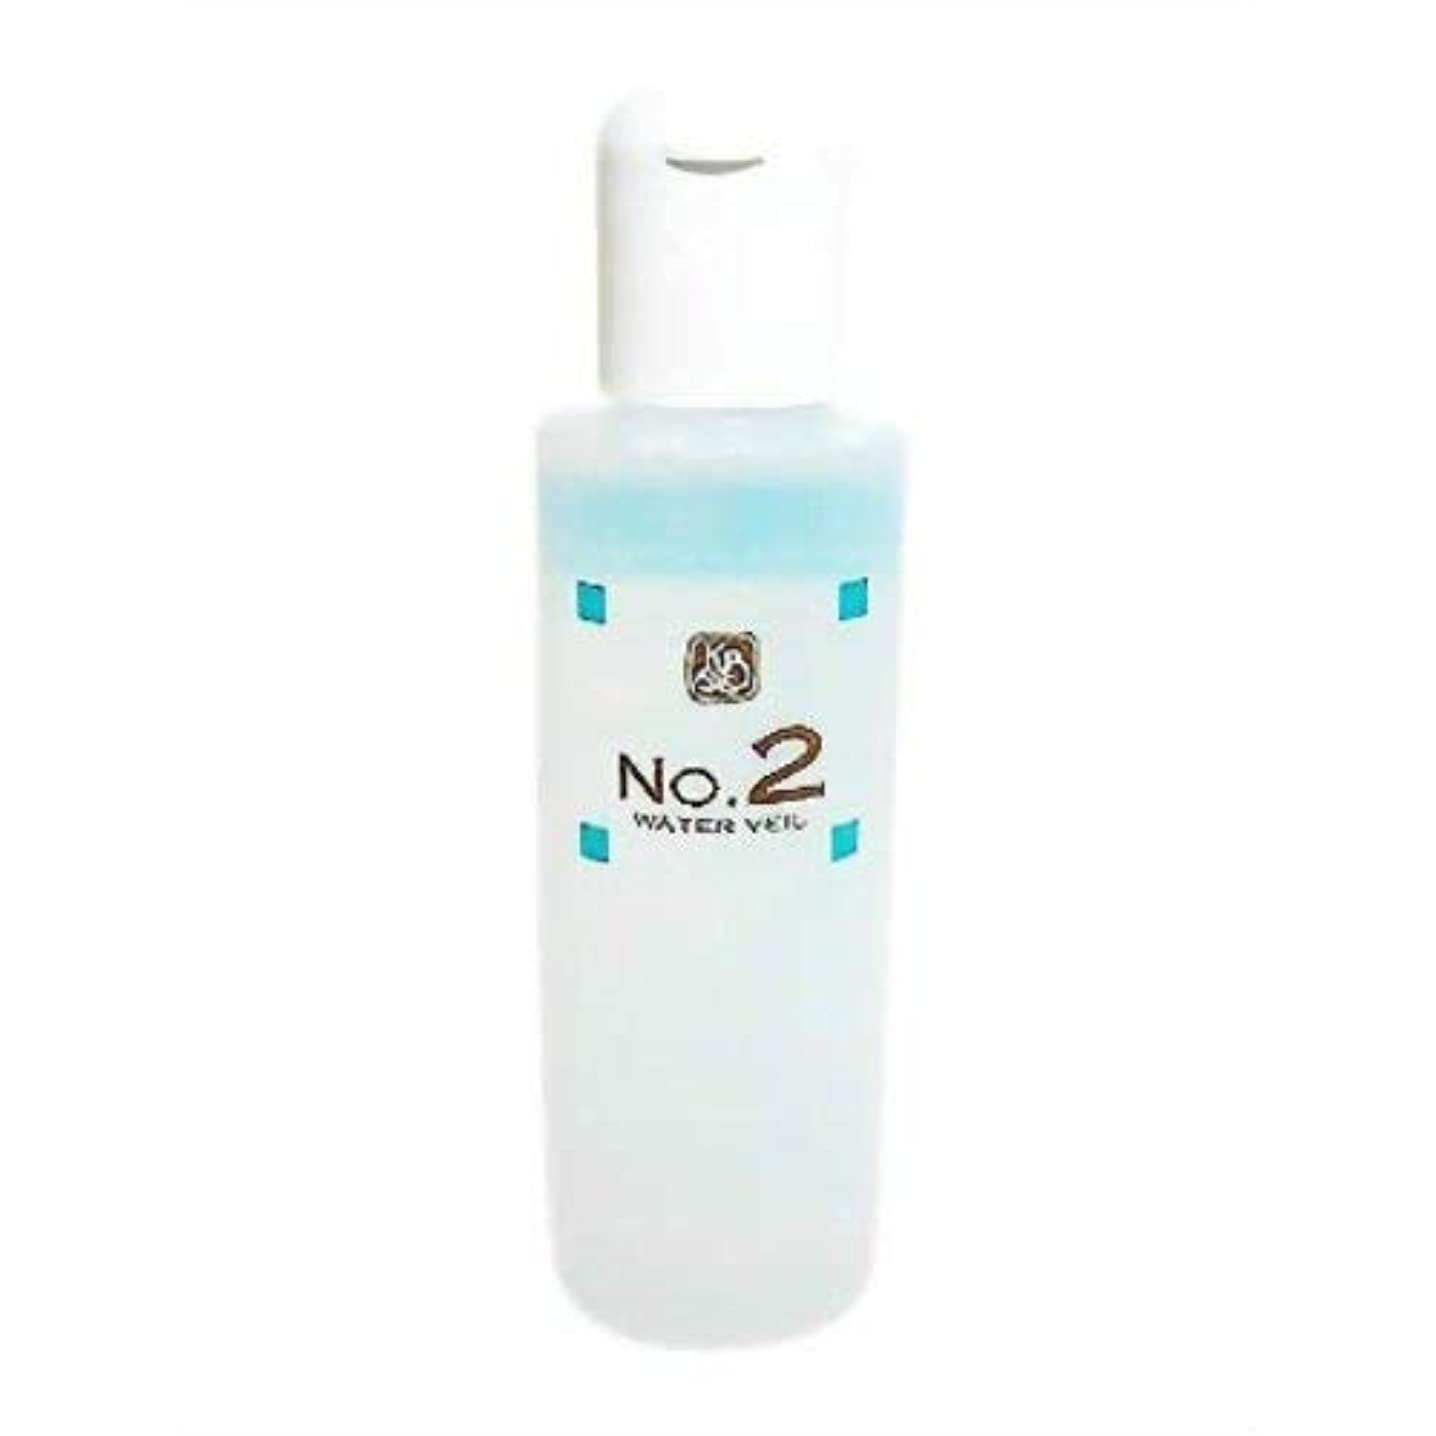 顔を洗う水 ウォーターベールNO2 150ml